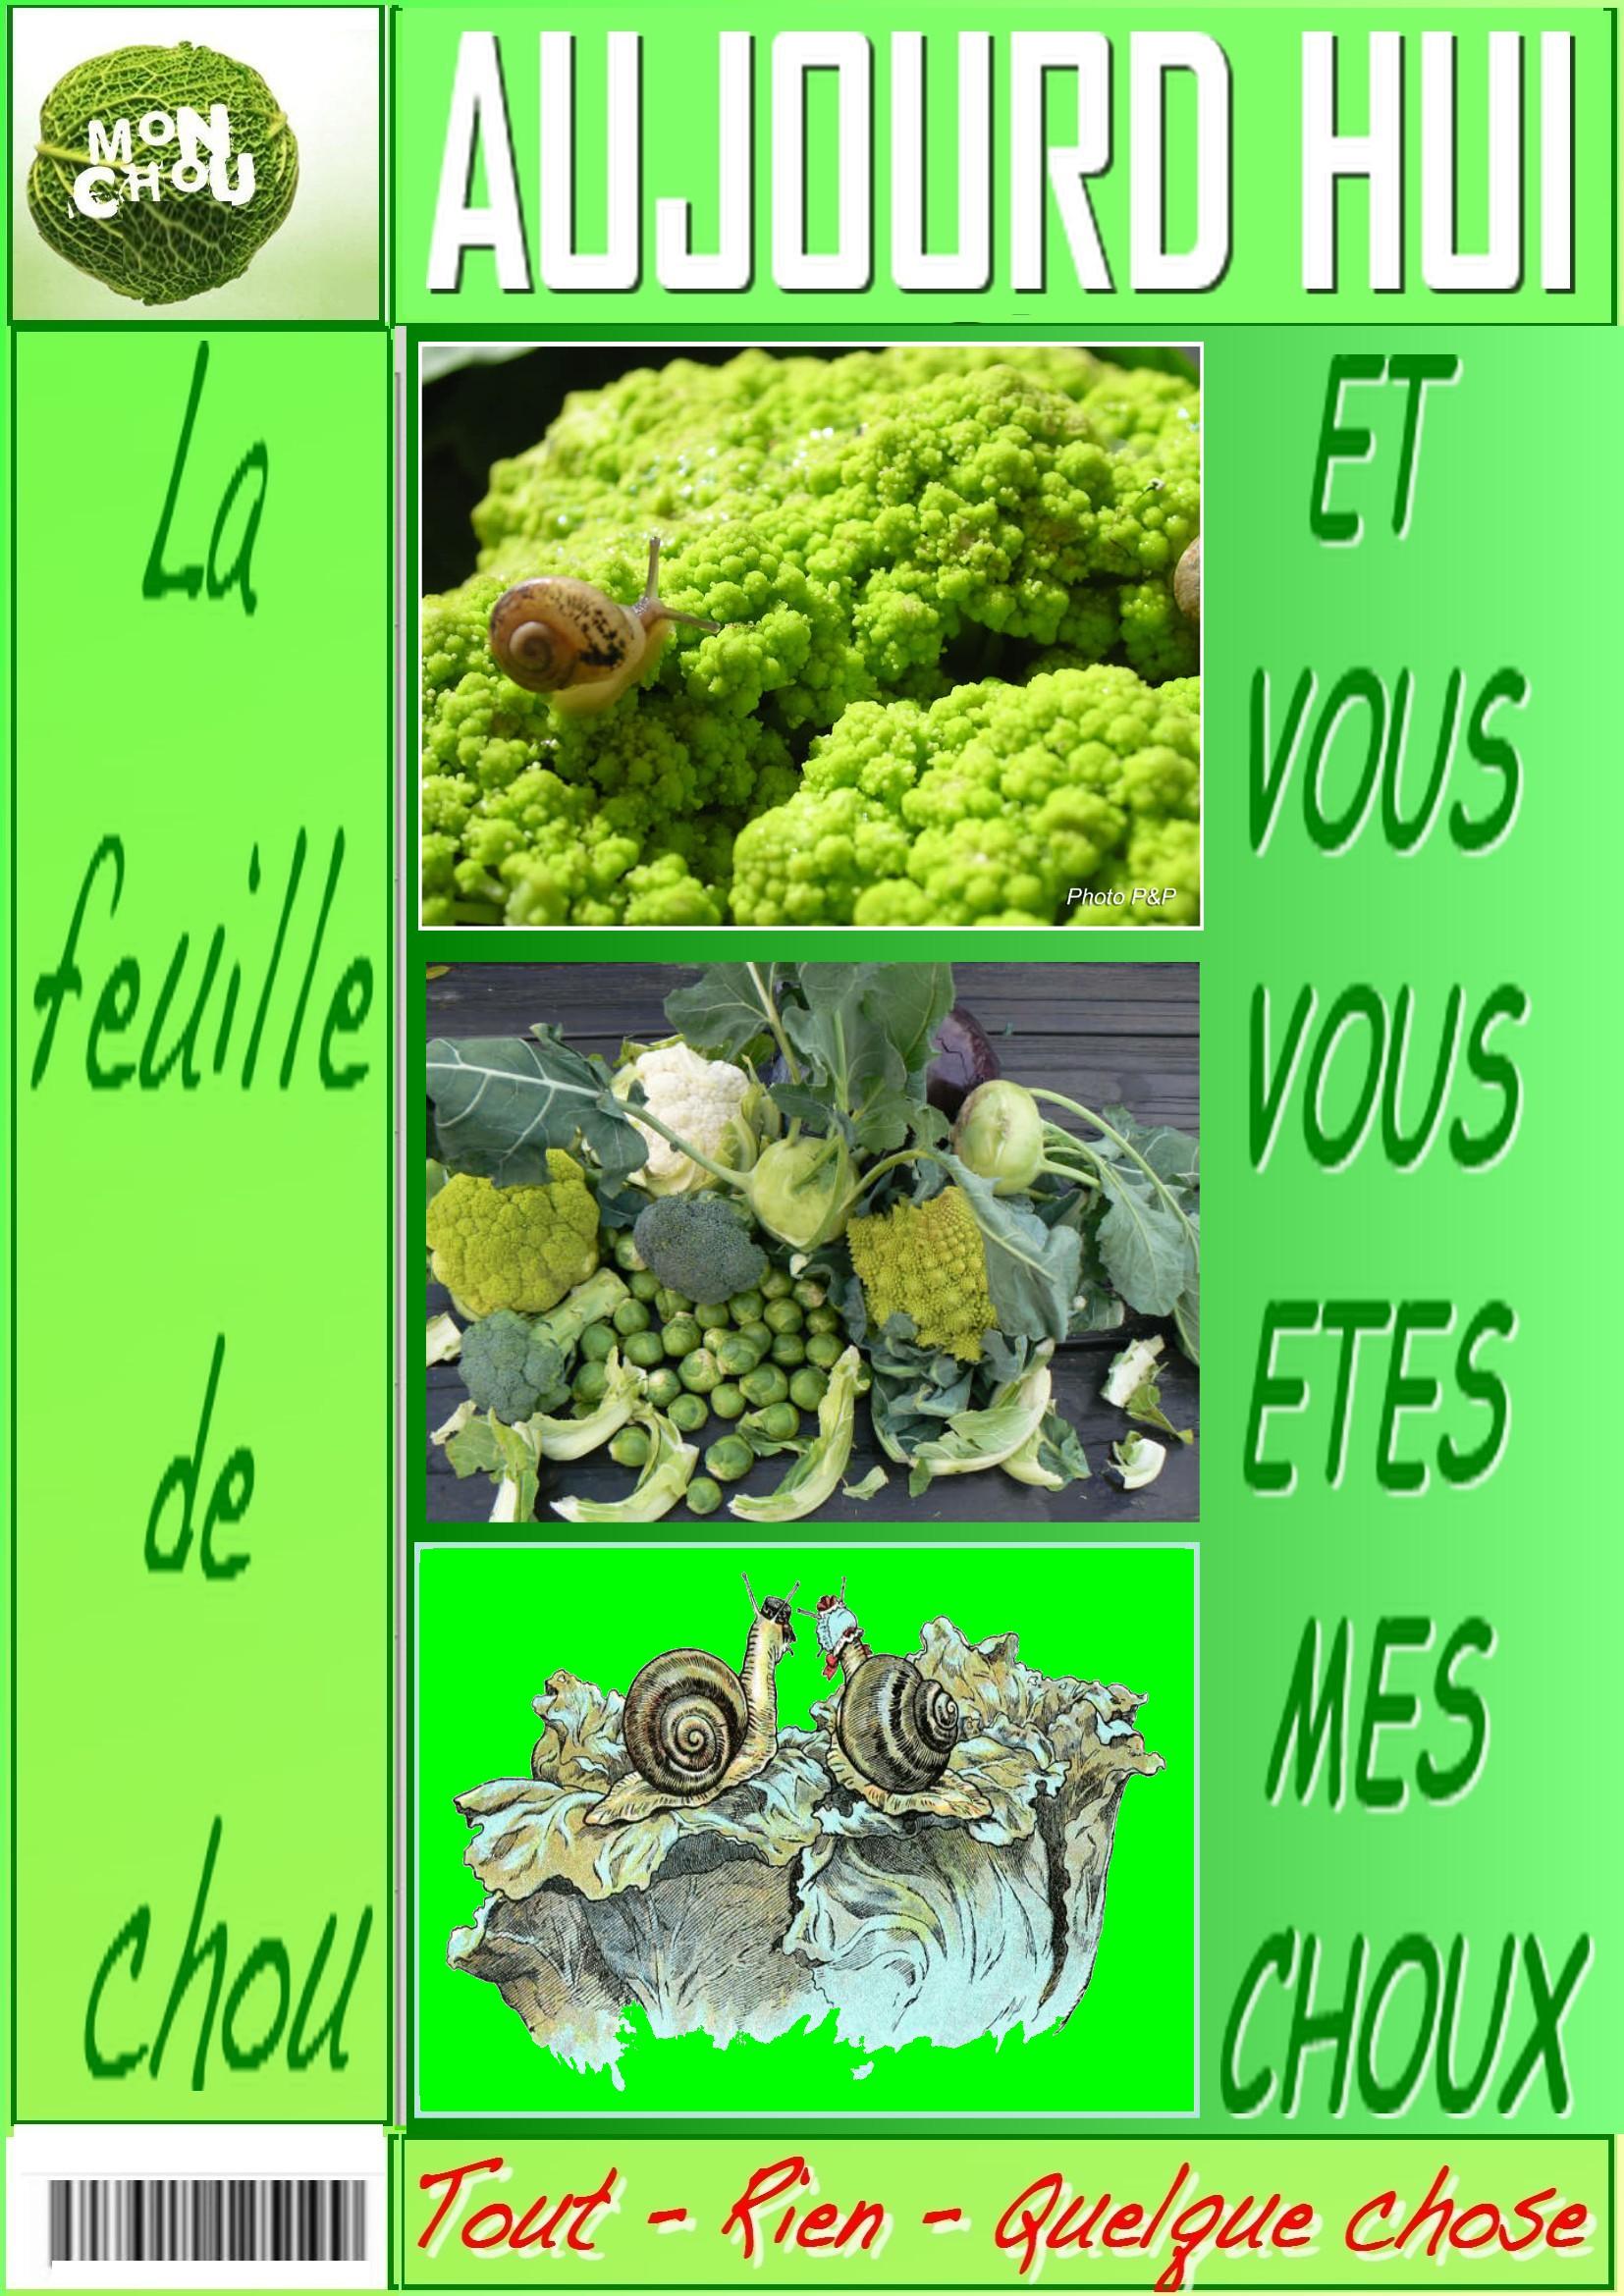 MES CHOUX dans Mon chou 100327115627984875716328